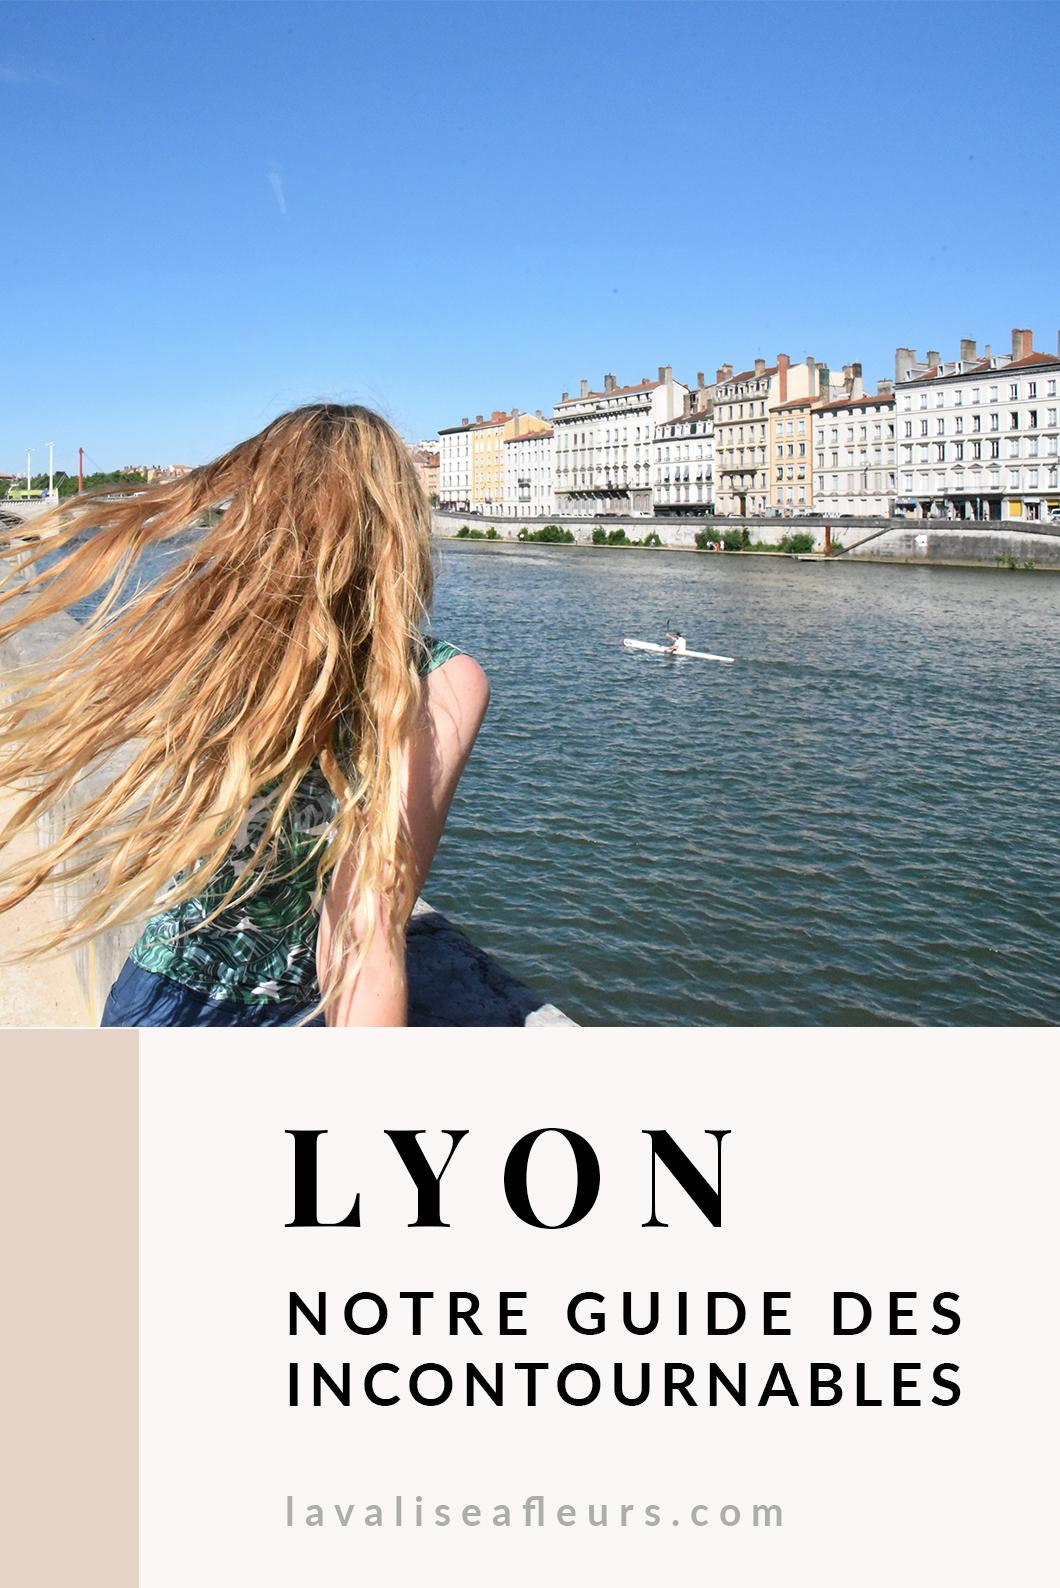 Guide des incontournables à Lyon